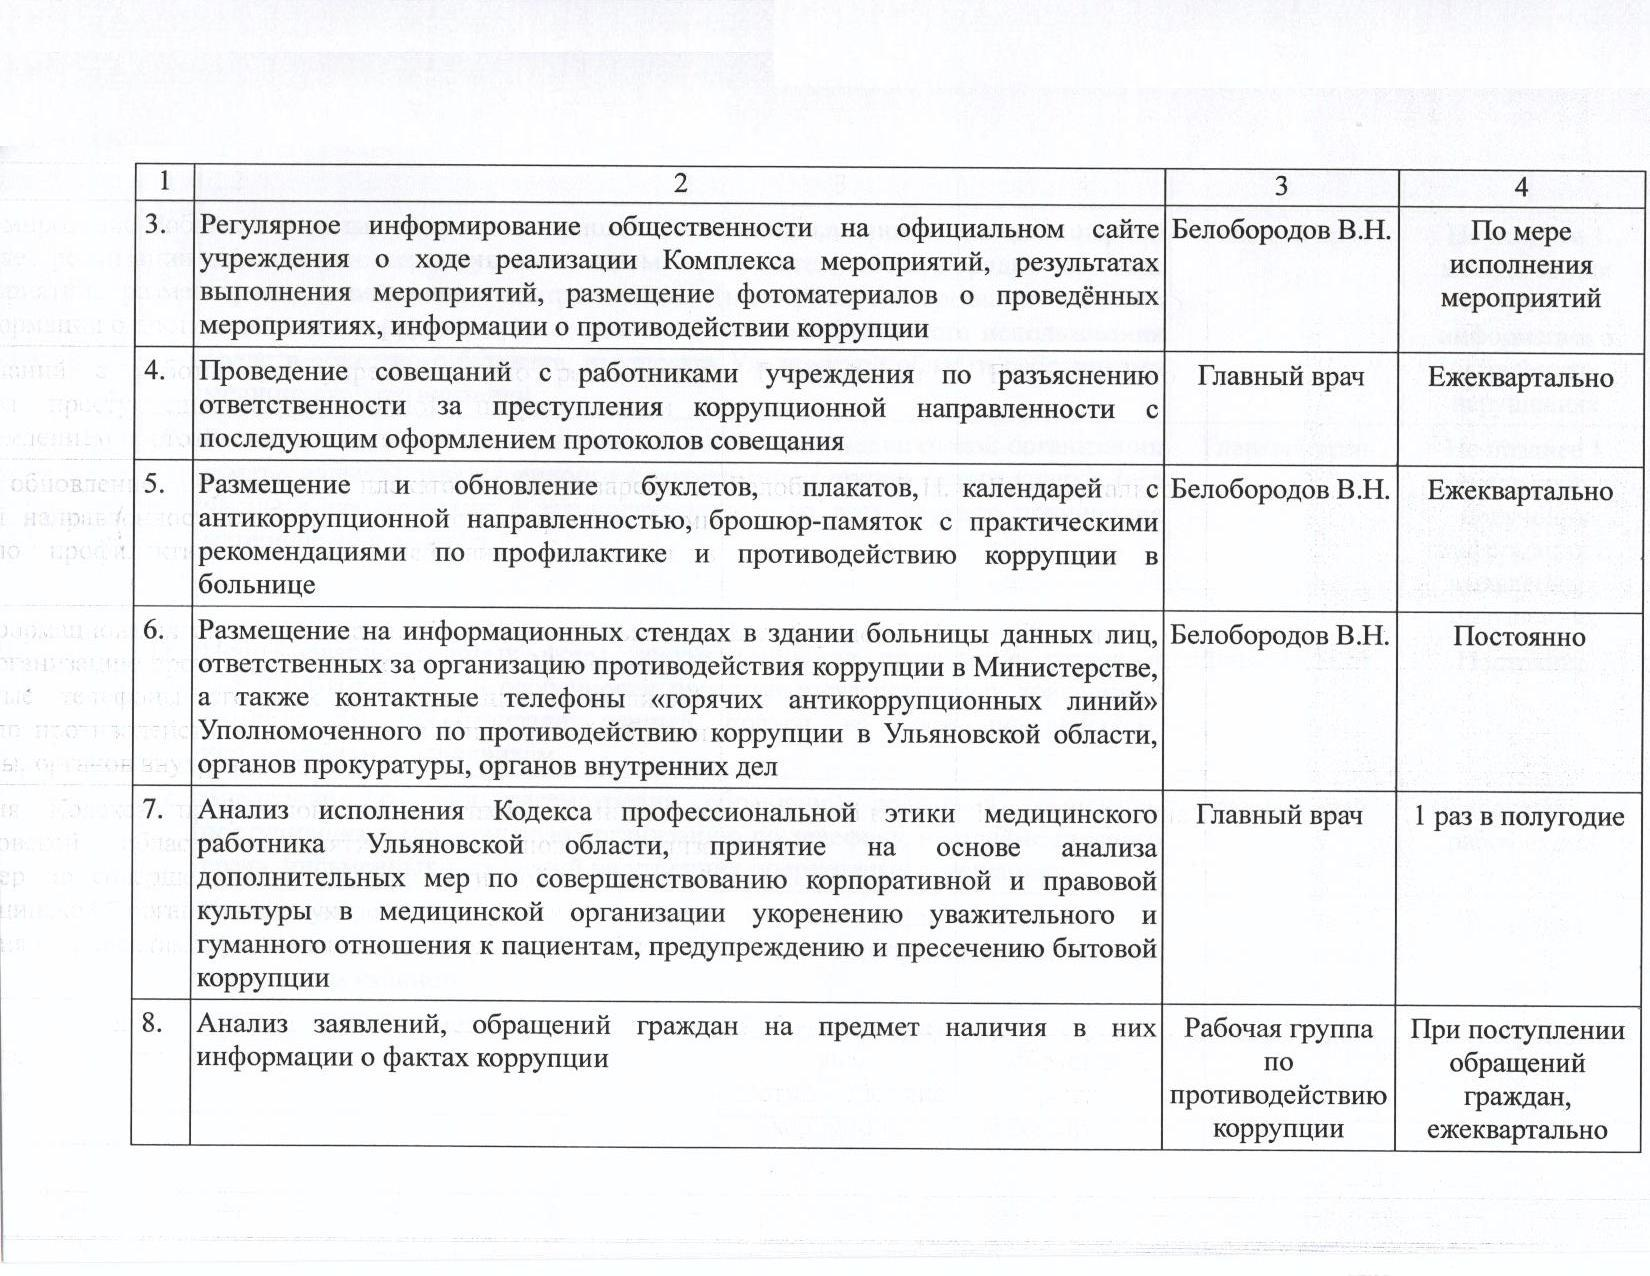 План работы по противодействию коррупции на 2018 год 001